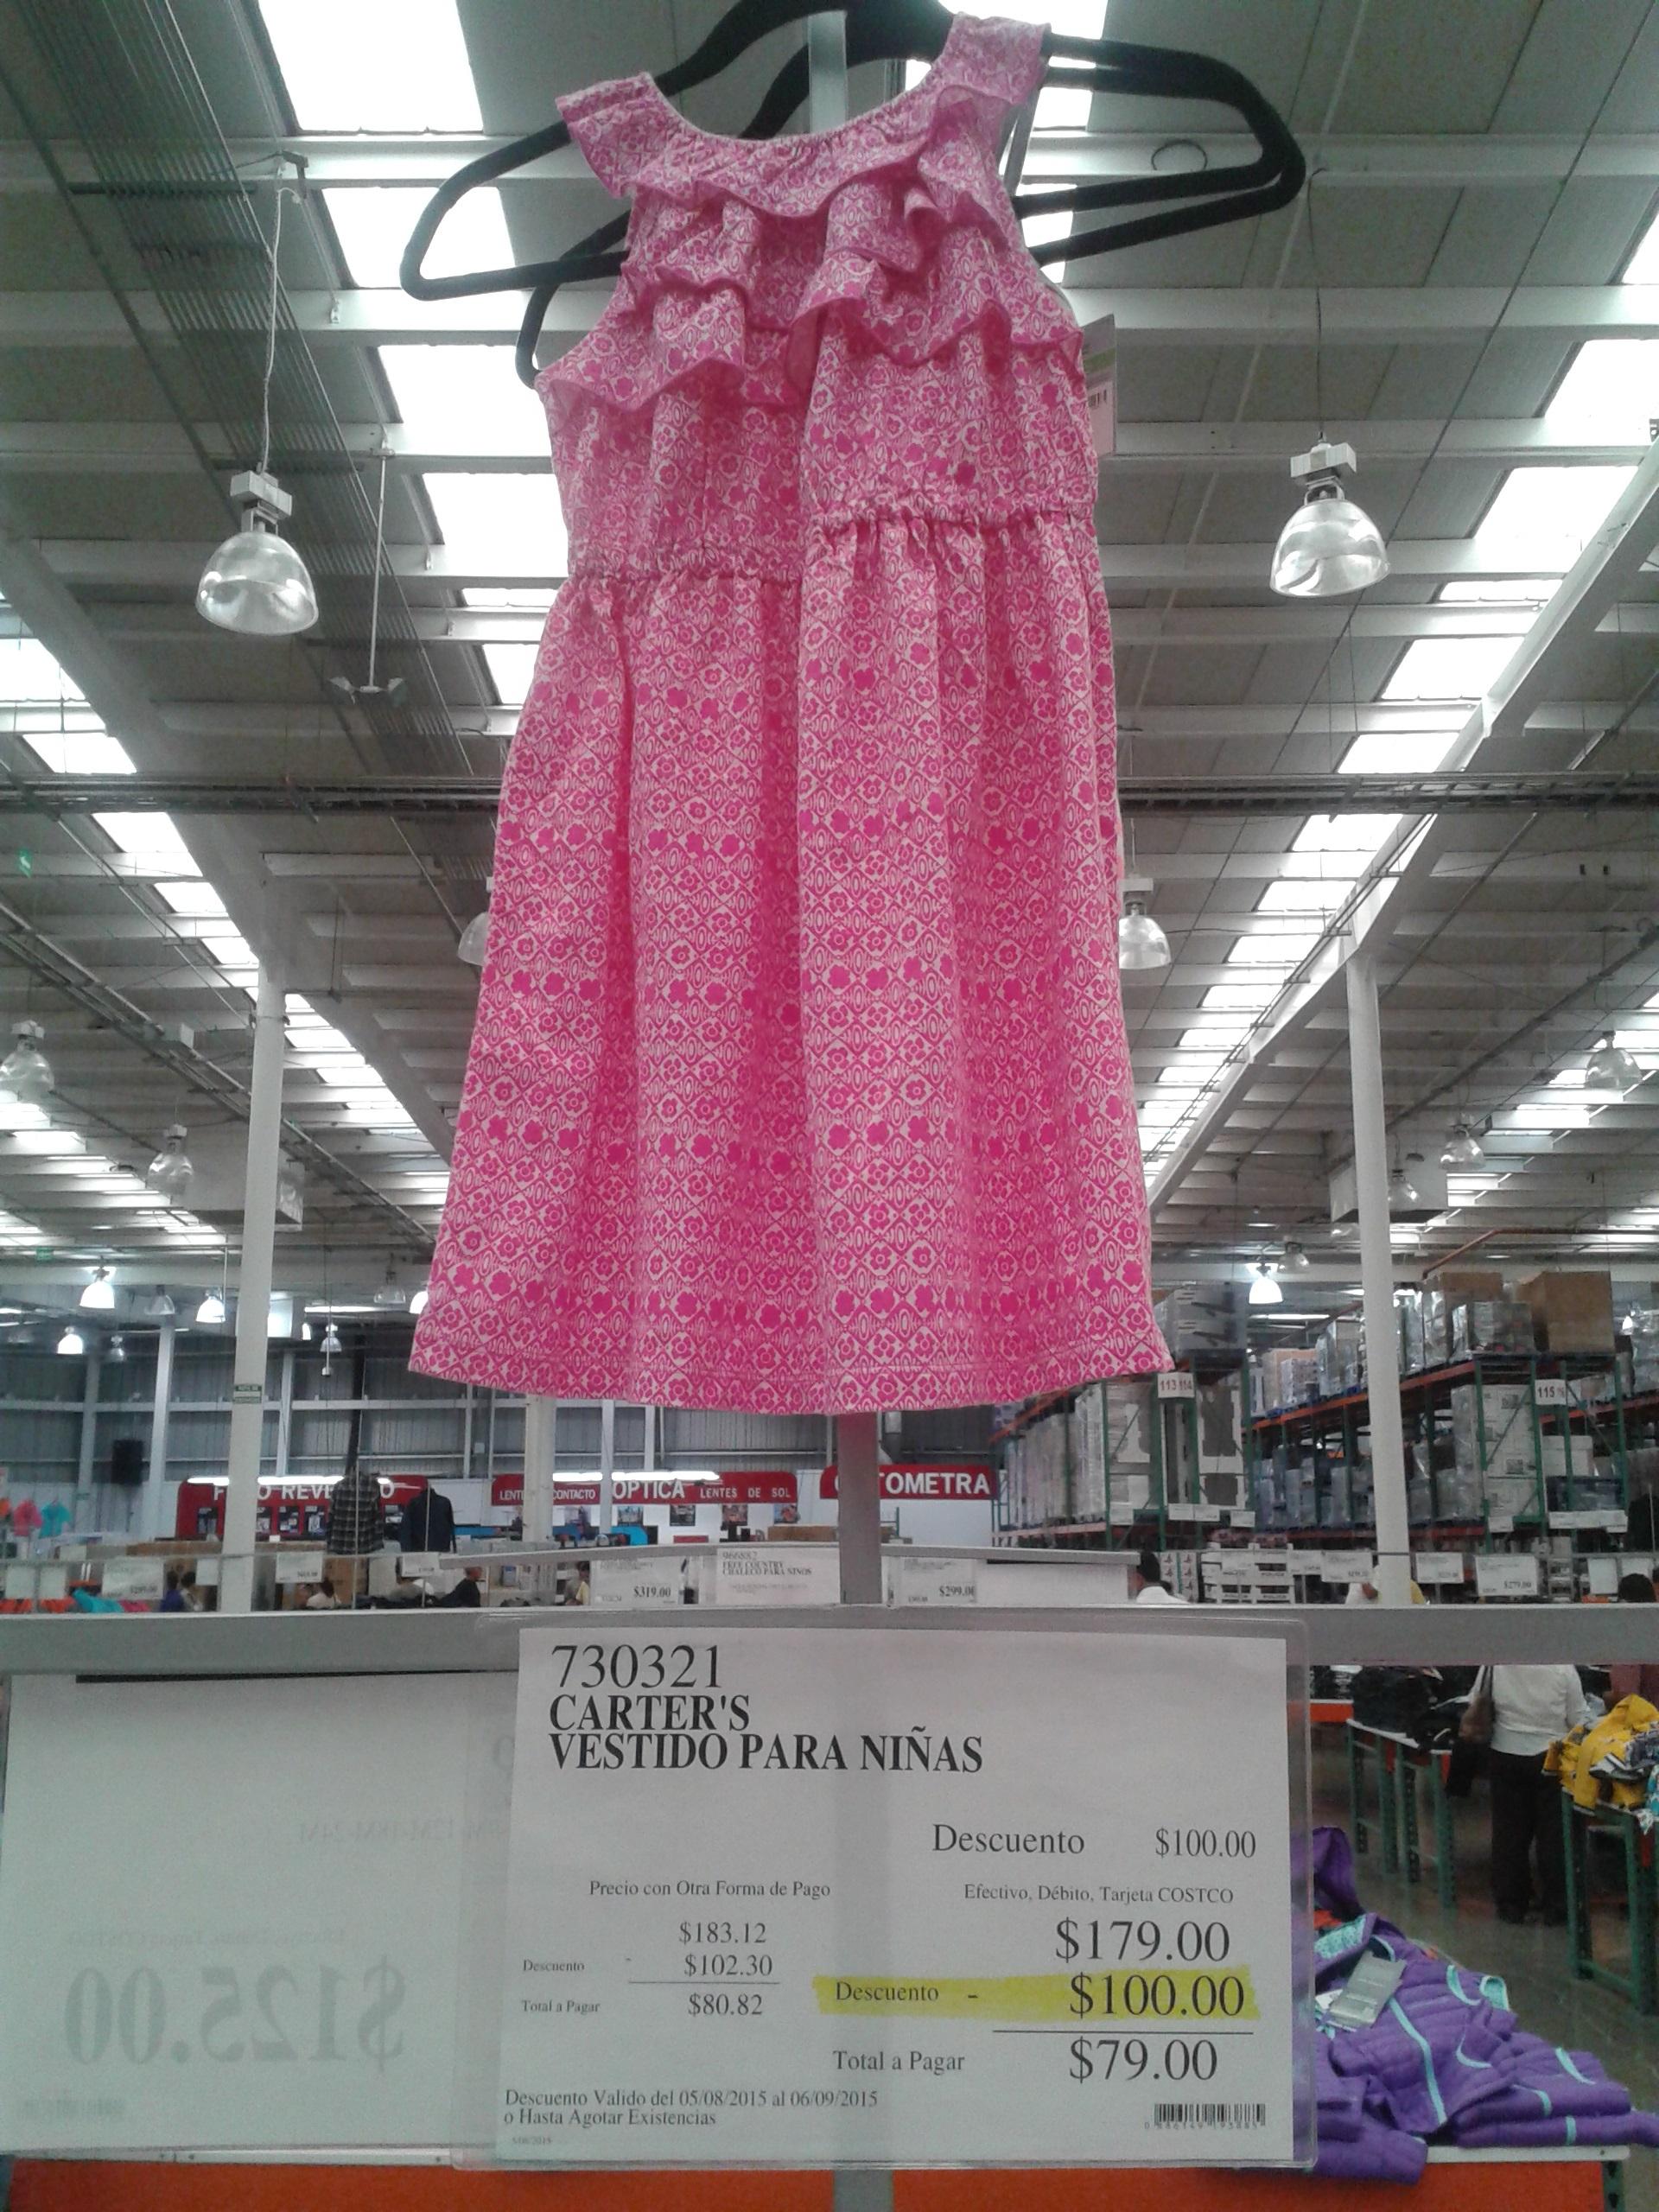 Costco: Vestido para niñas Carter's a $79 y más